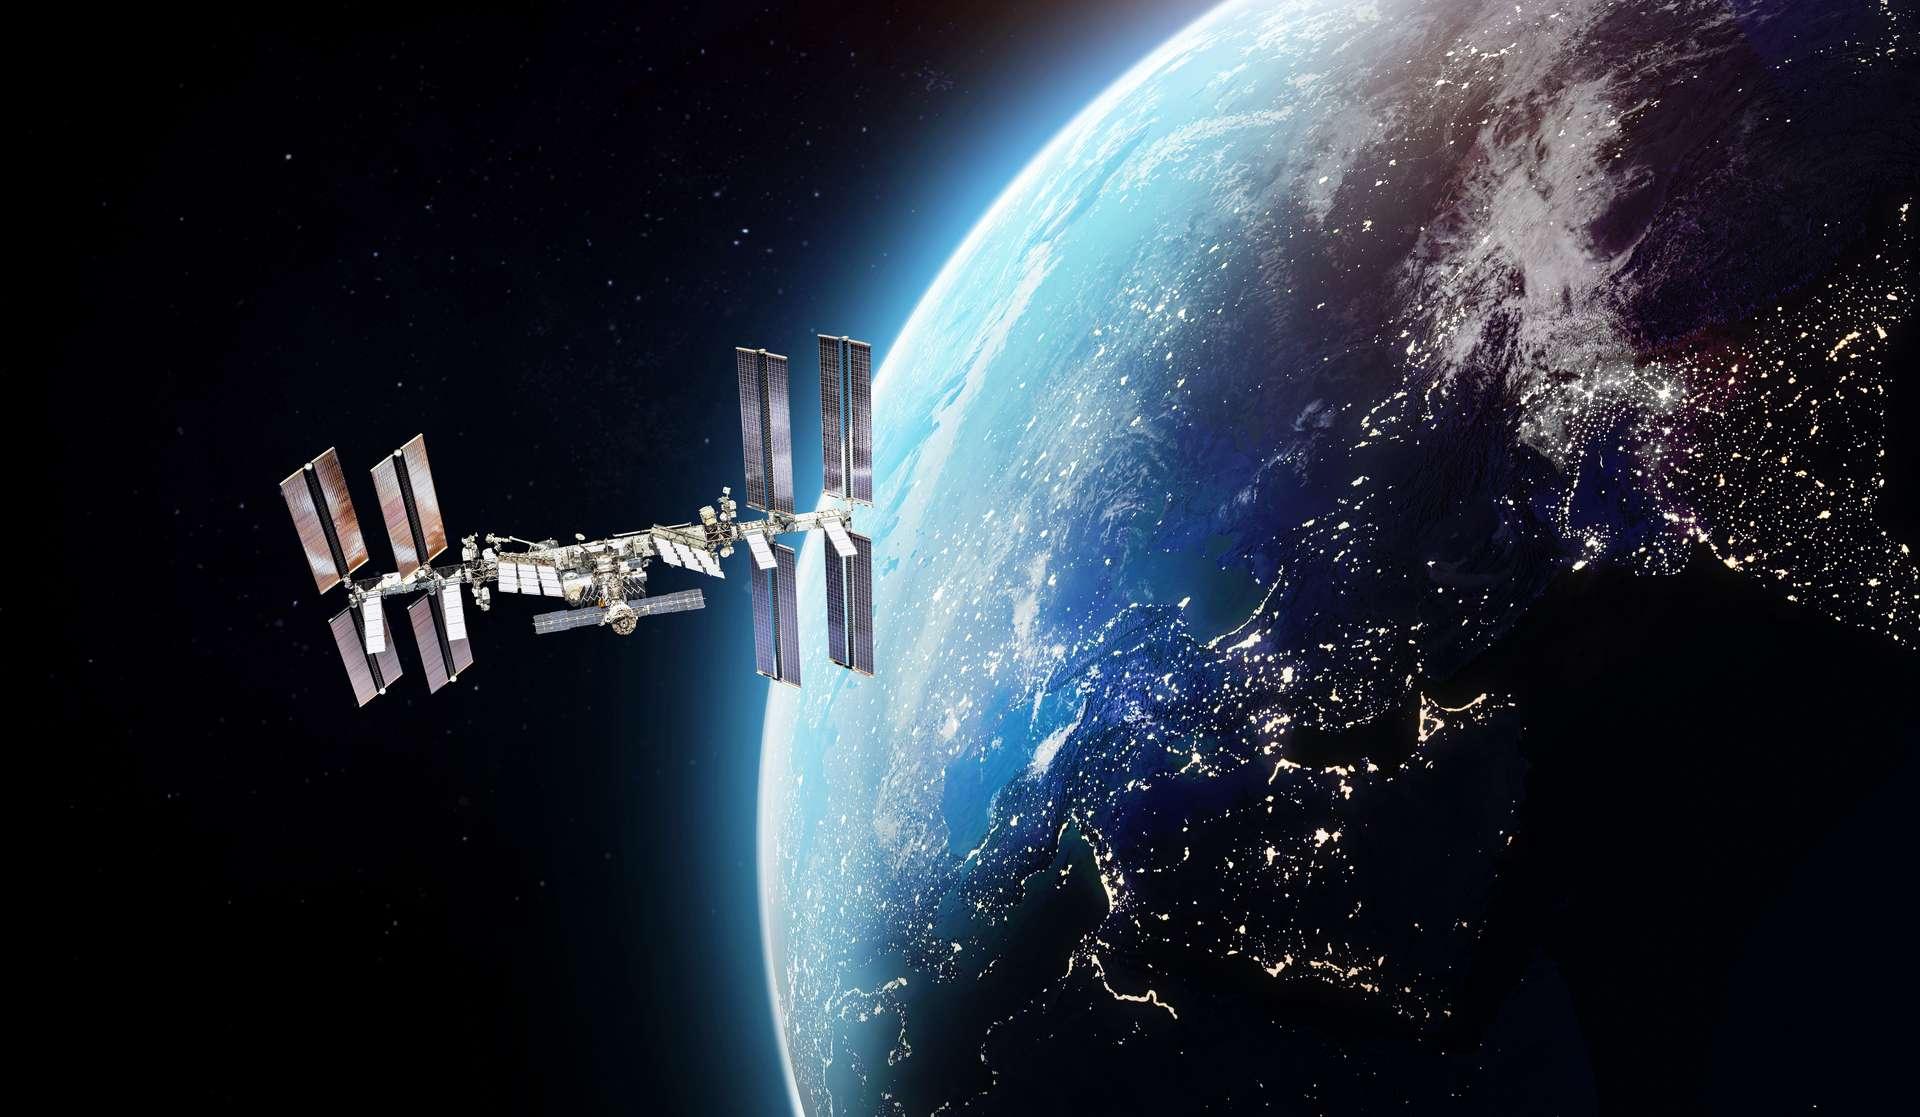 D'ici quelques années, les astronautes auront peut-être des sextoys conçus spécialement pour l'espace. © dimazel, Adobe Stock